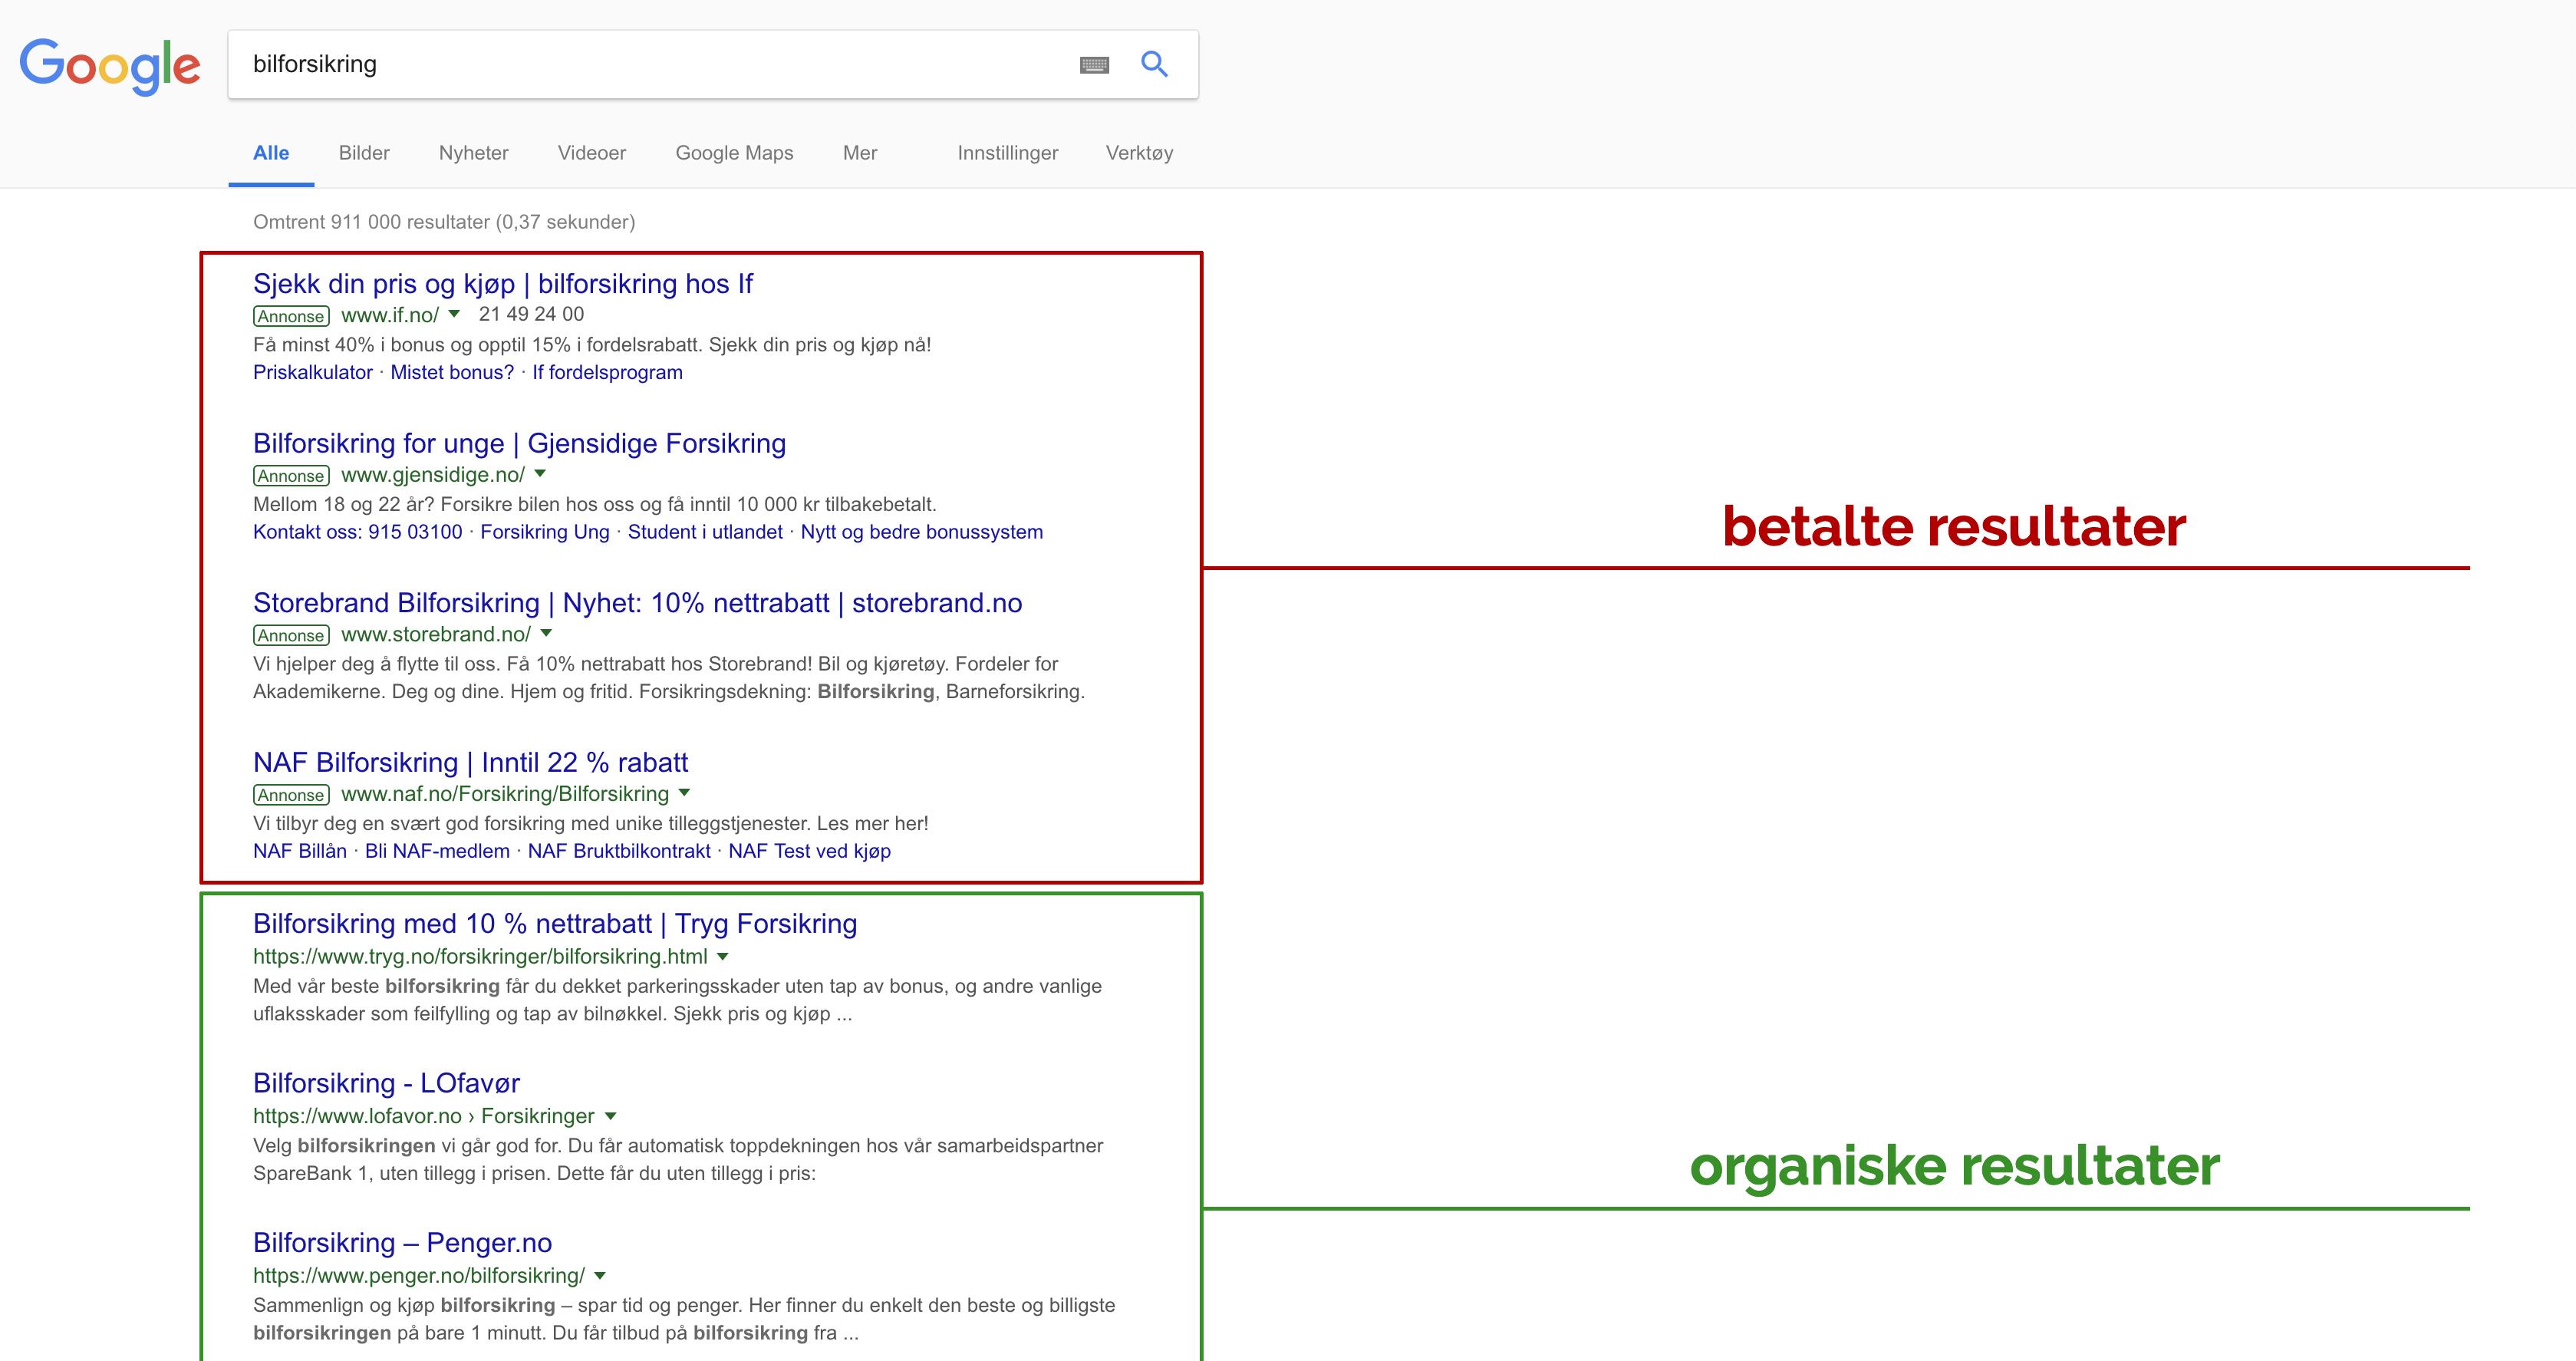 Digital annonsering: søkemotormarkedsføring